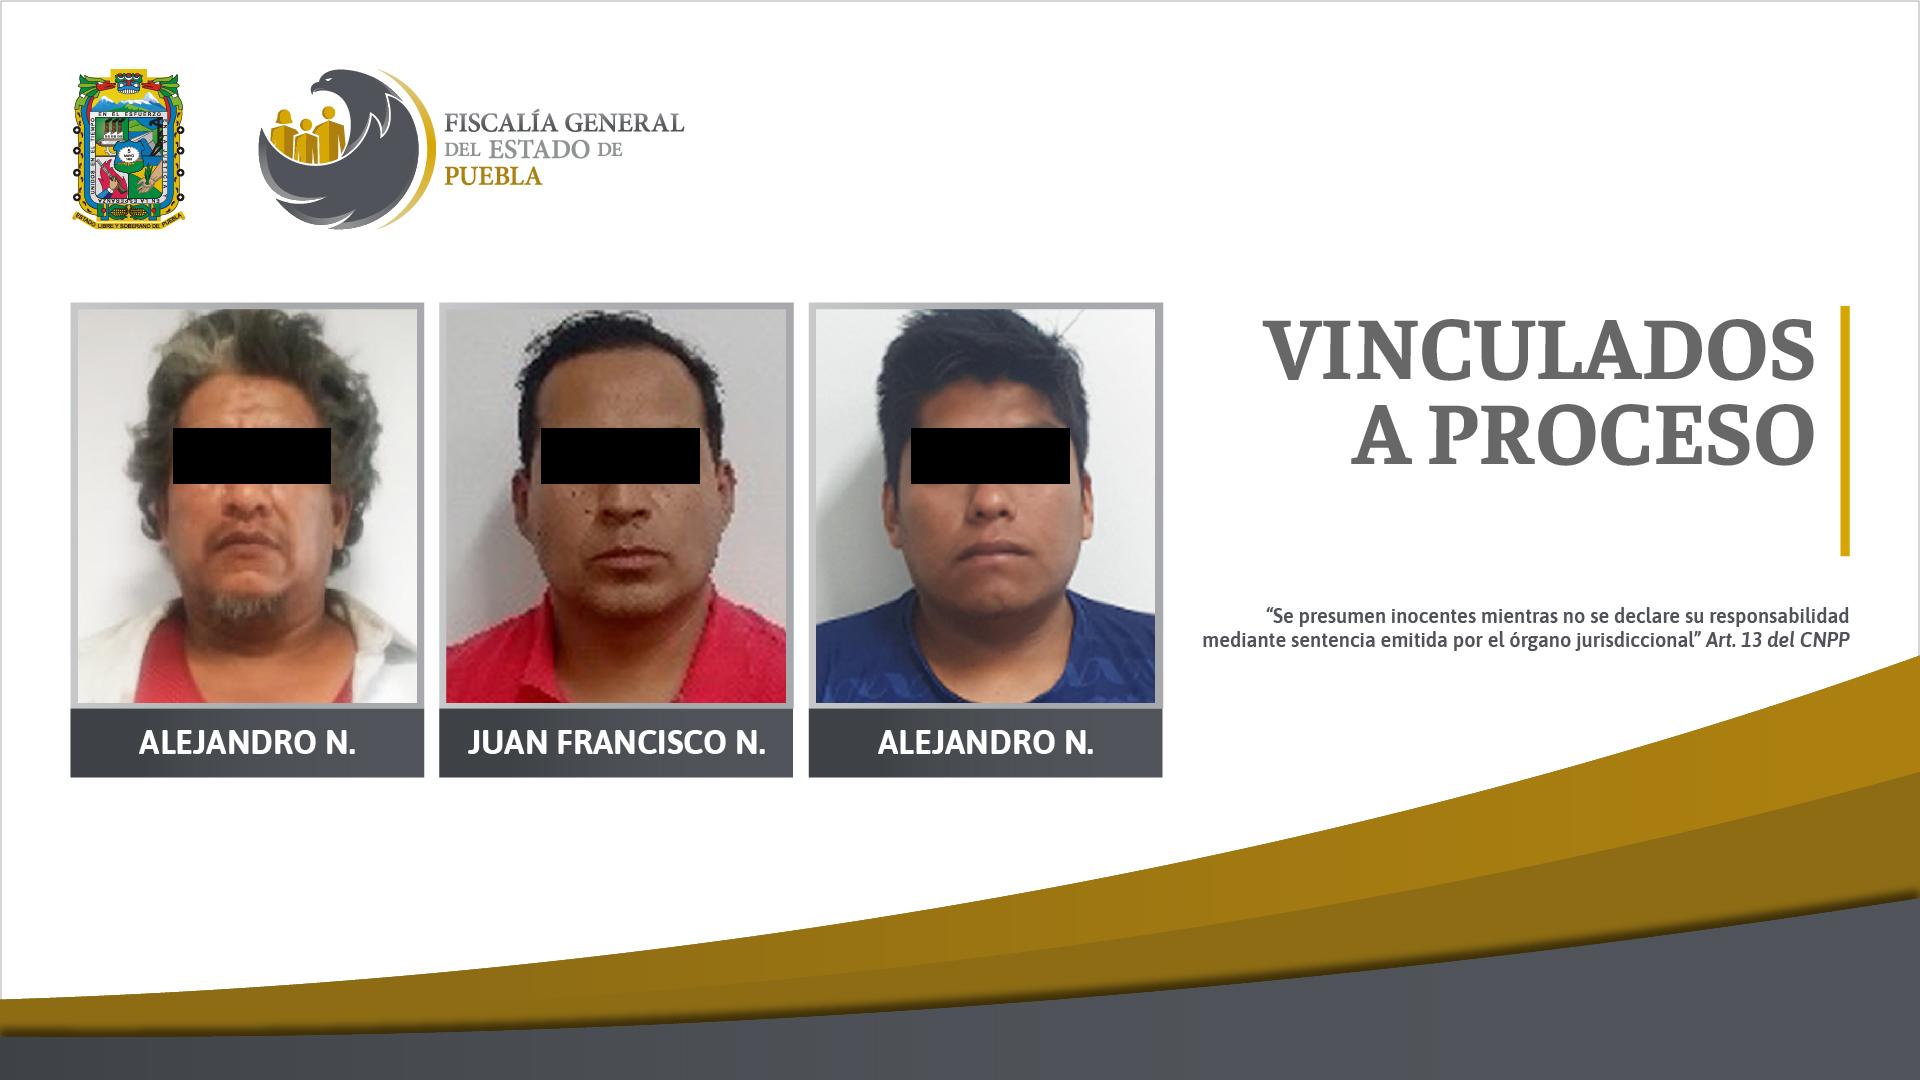 Tres personas vinculadas a proceso por violencia familiar